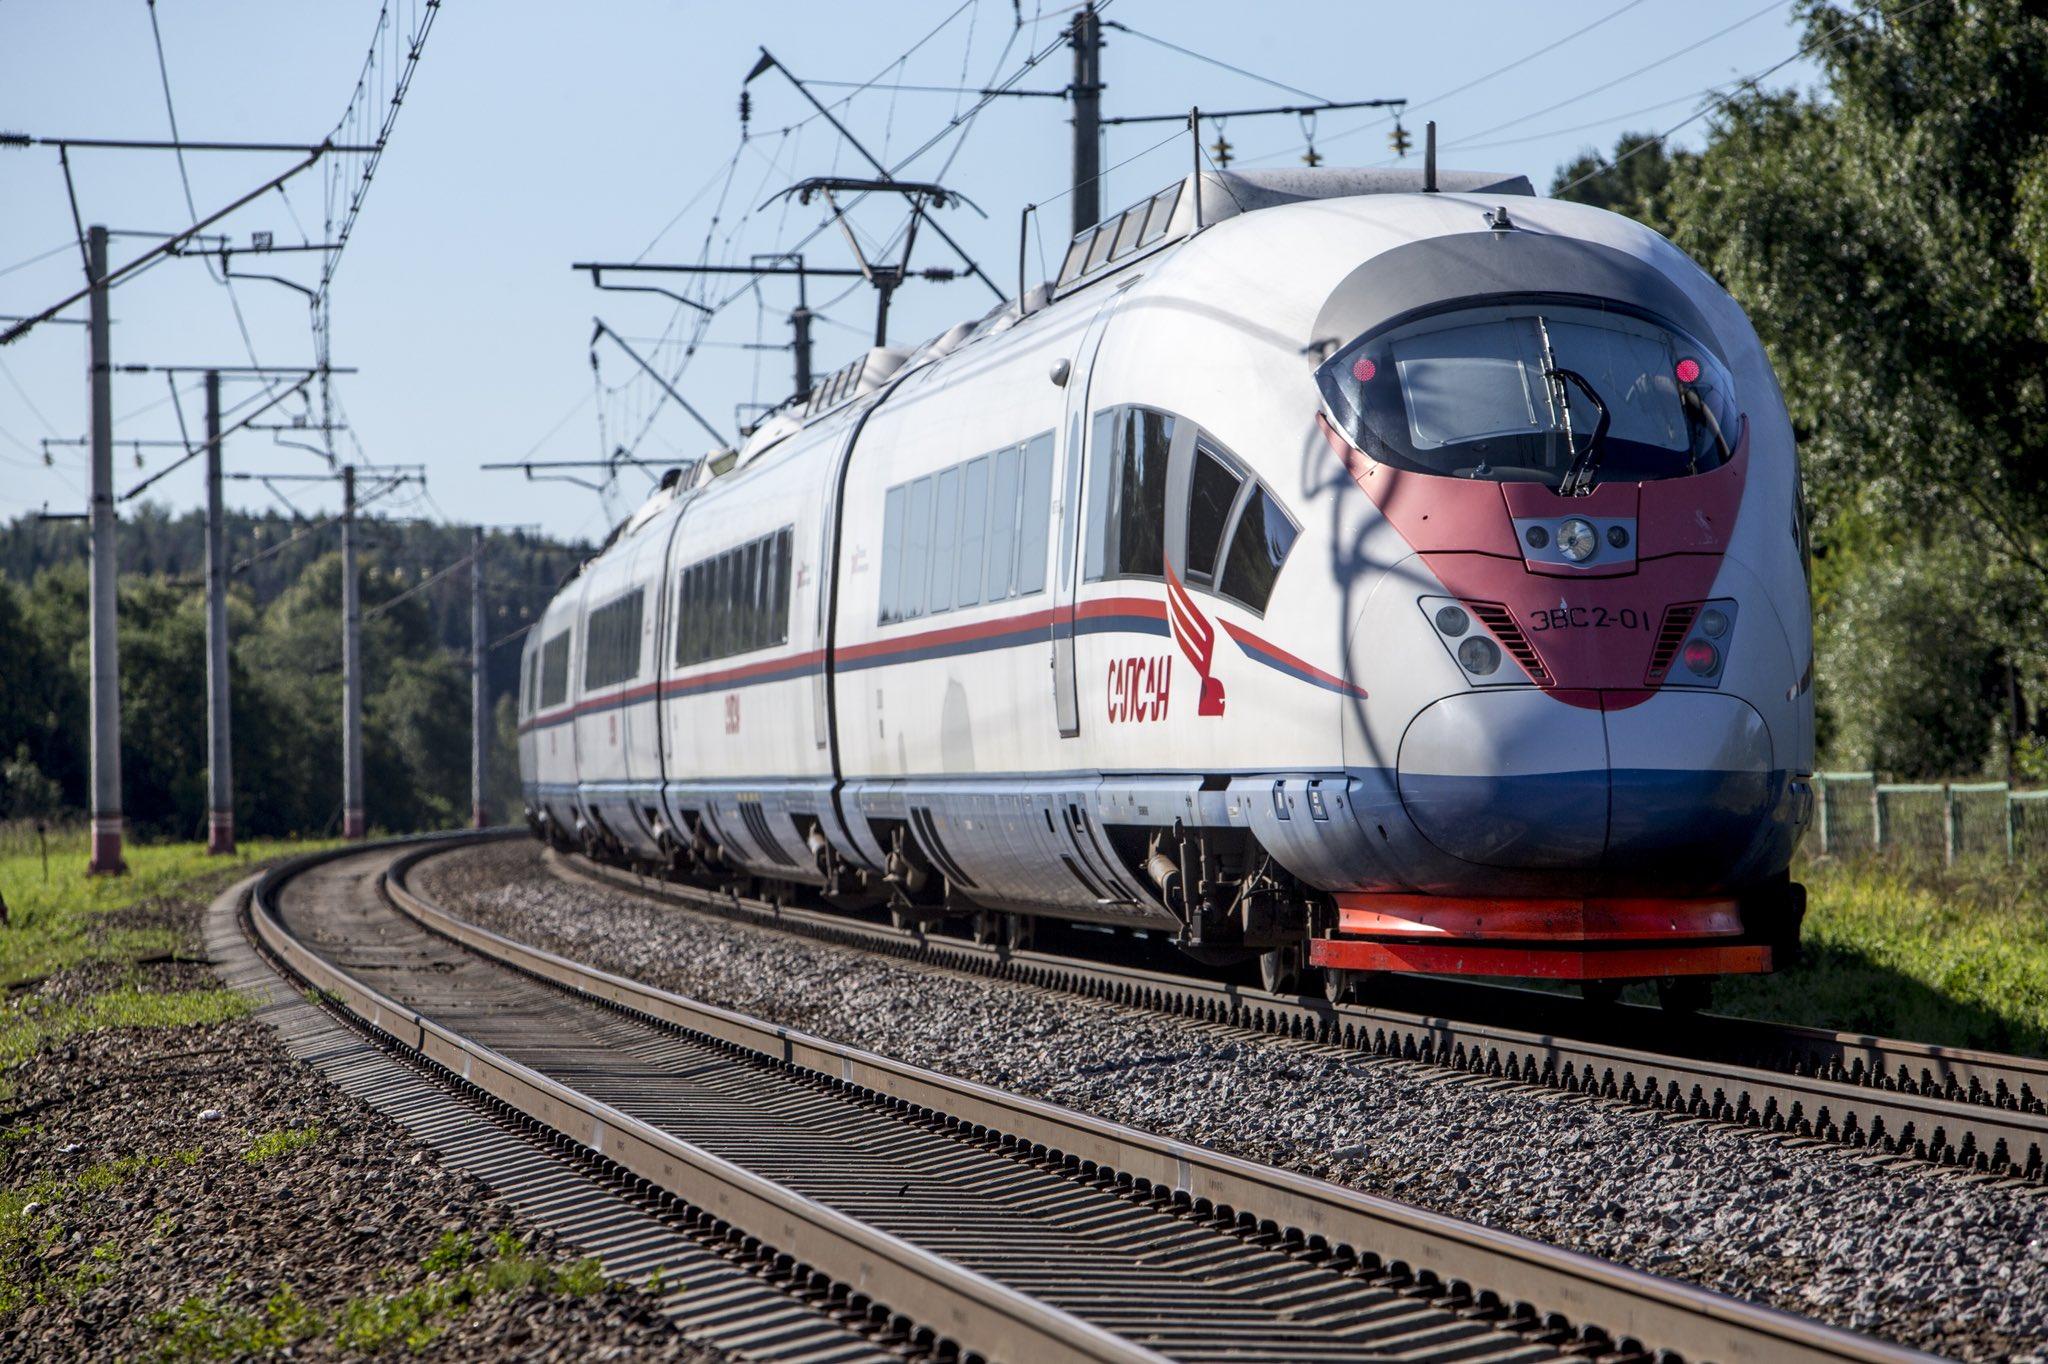 Дополнительные поезда между Санкт-Петербургом и Москвой запустят в сентябре и октябре